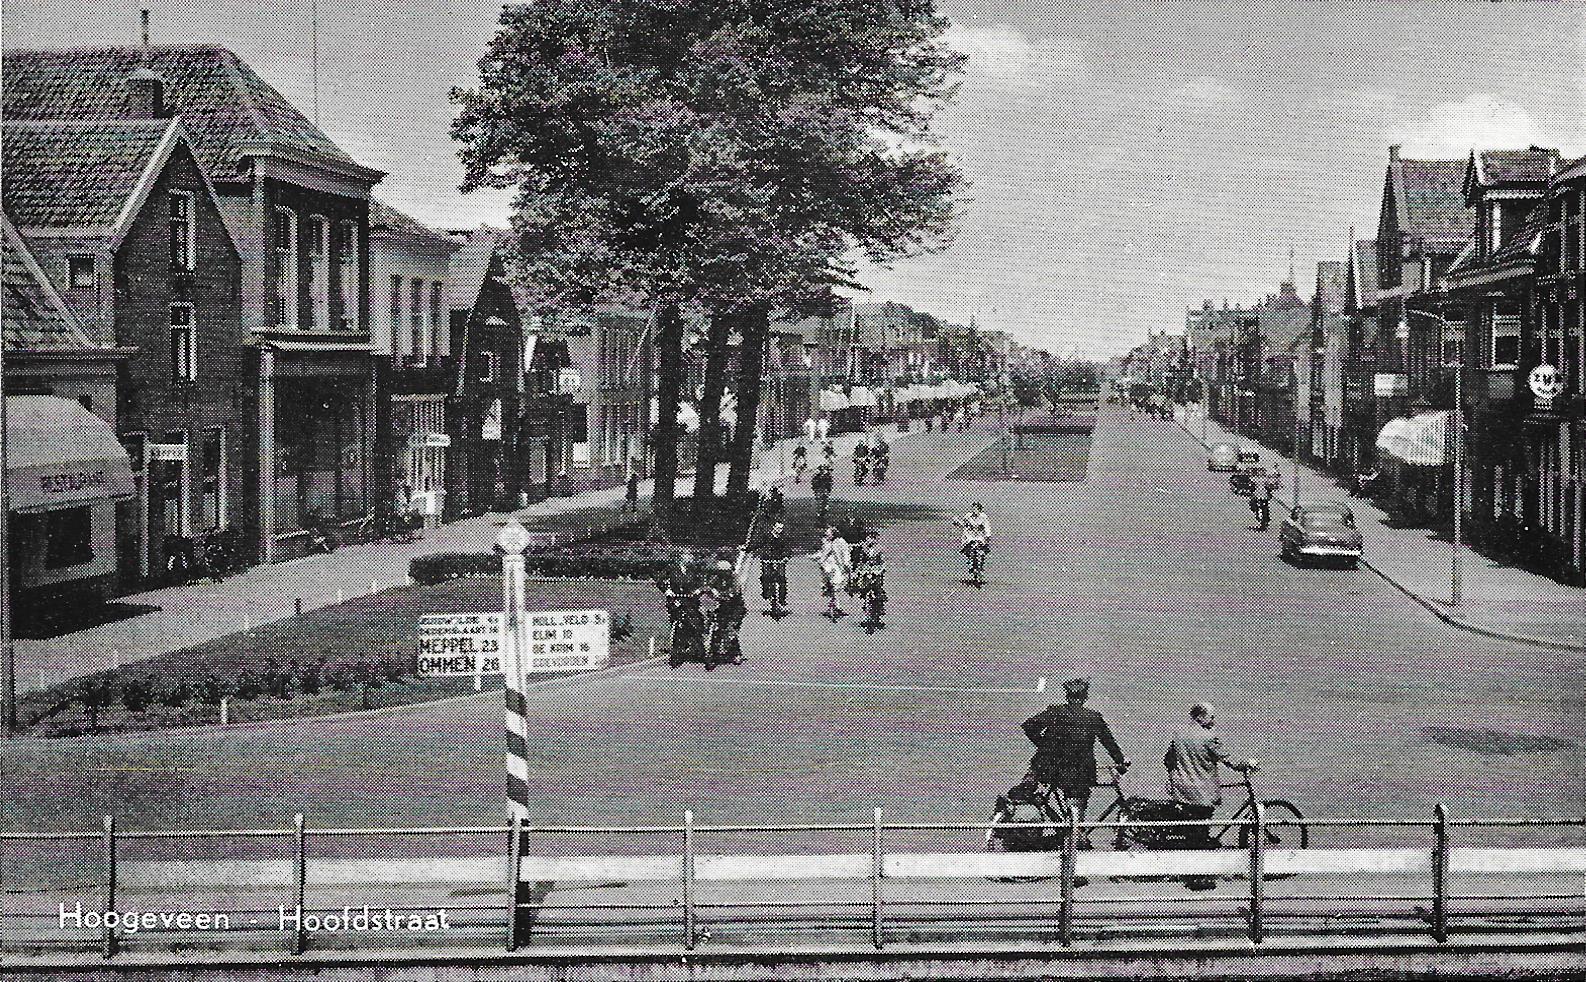 Hoofdstraat 230, Hoogeveen